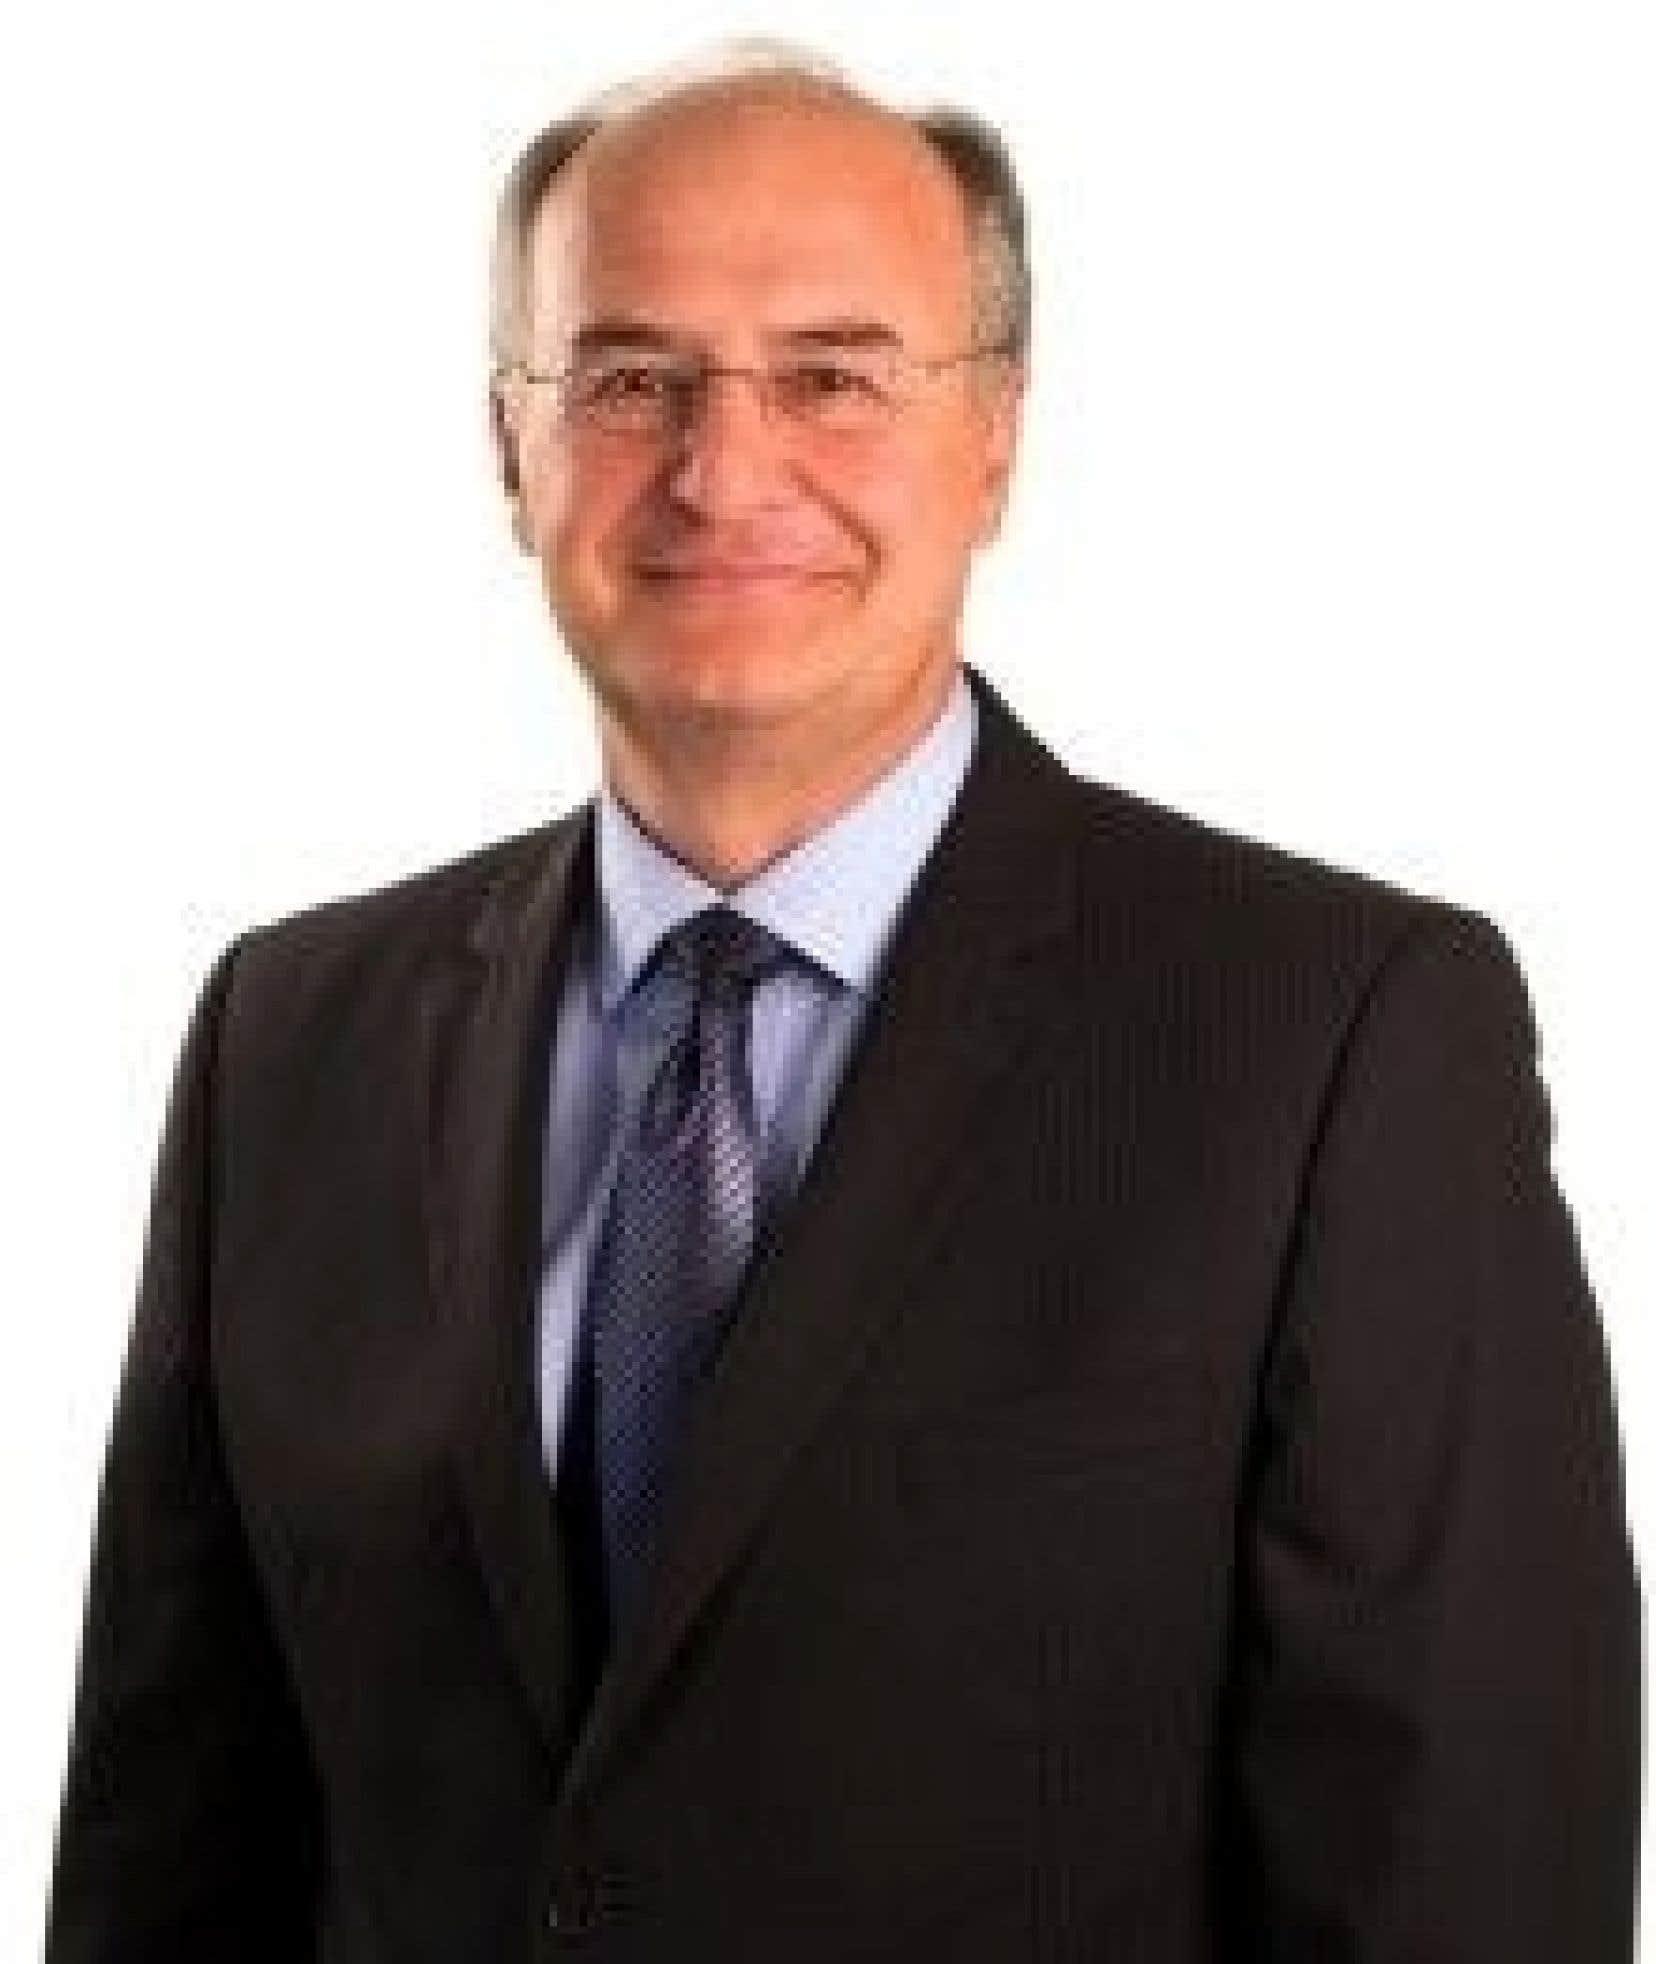 Paul Shoiry a été élu dans le district de Sillery-St-Louis où il a été maire avant les fusions.